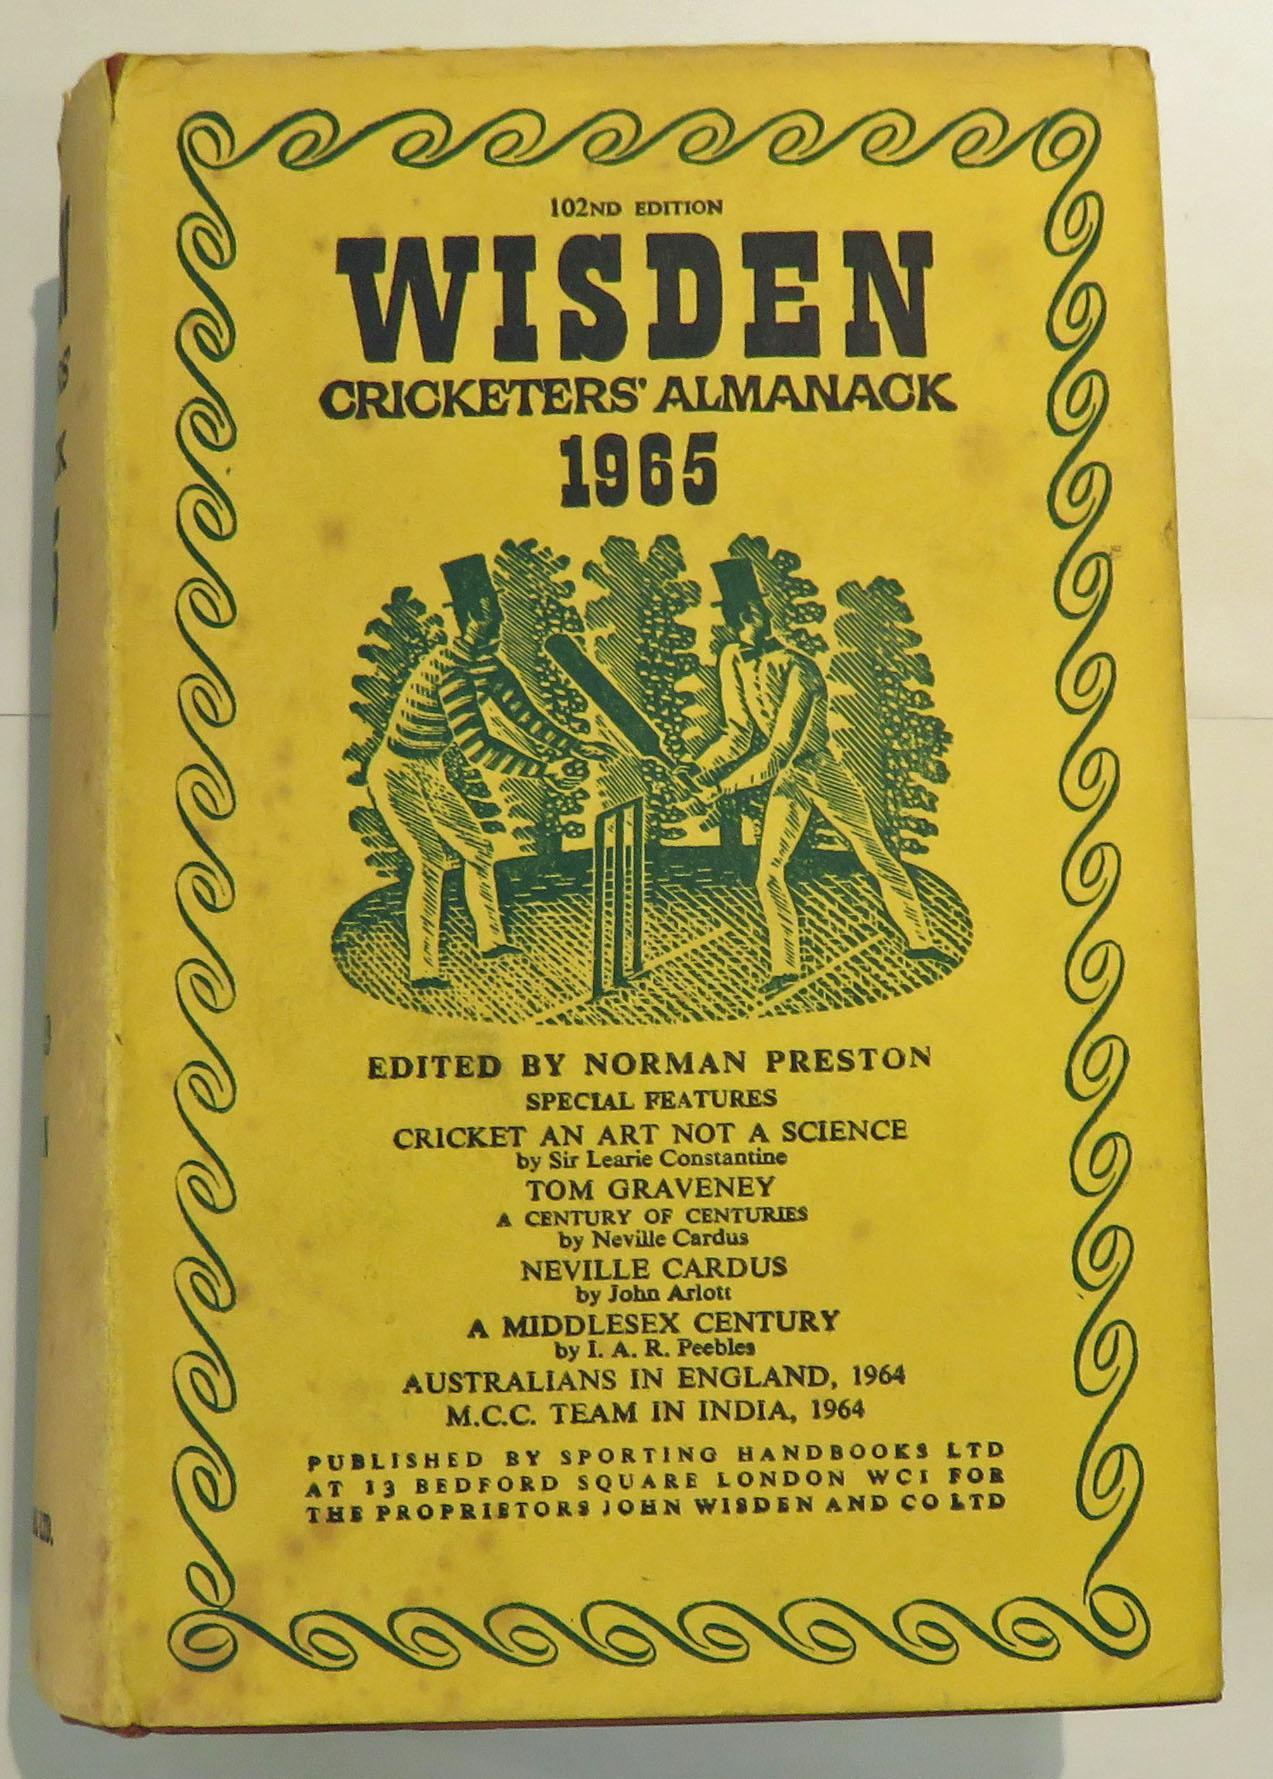 Wisden Cricketers' Almanack 1965